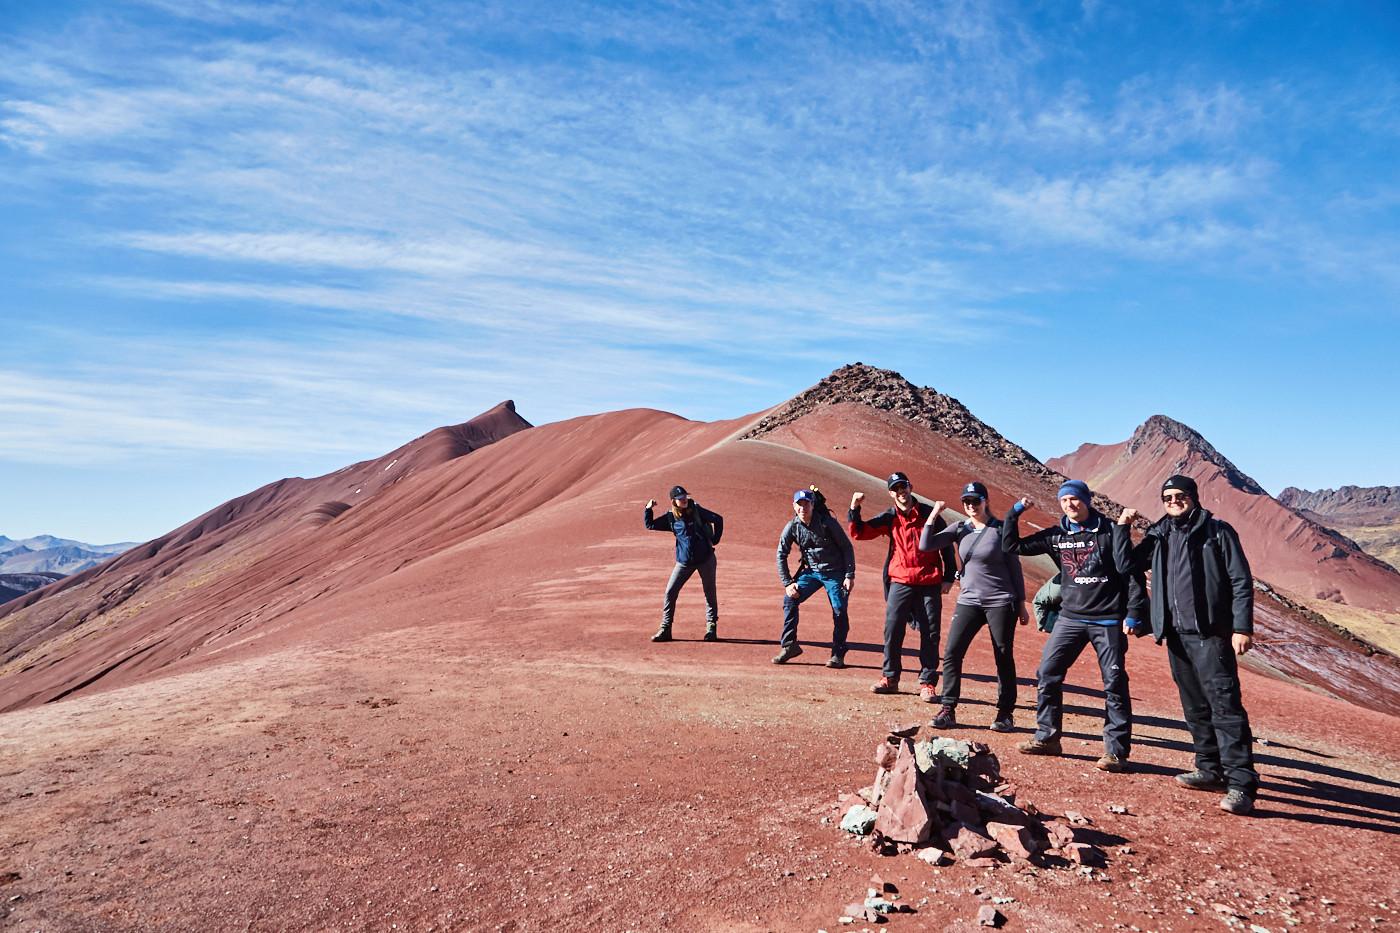 Der erste hohe Berg am zweiten Tag der Tour war geschafft! Wir befanden uns nun mitten im Red Valley, umgeben von tiefrotem Gestein soweit man nur sehen konnte